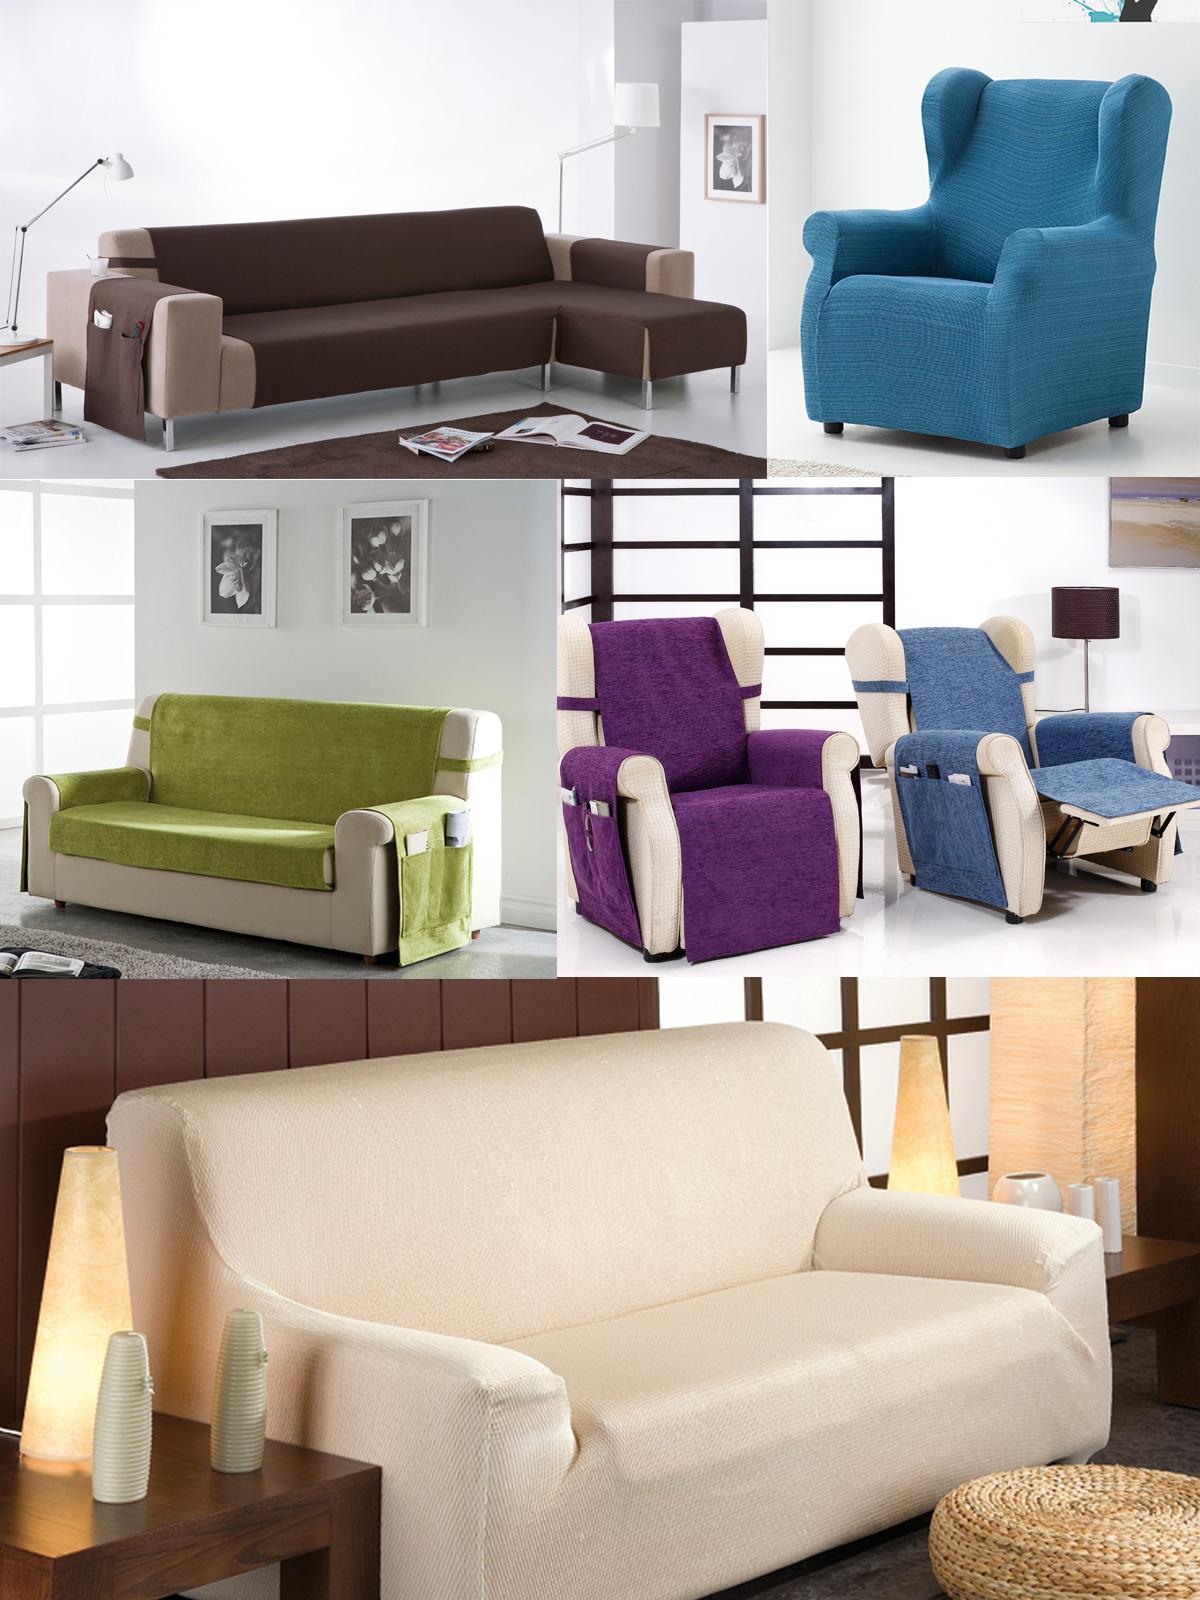 Fundas de sofa fundas de sof fundas sof el sticas telas por metros textil para el hogar - Fundasdesofa com ...